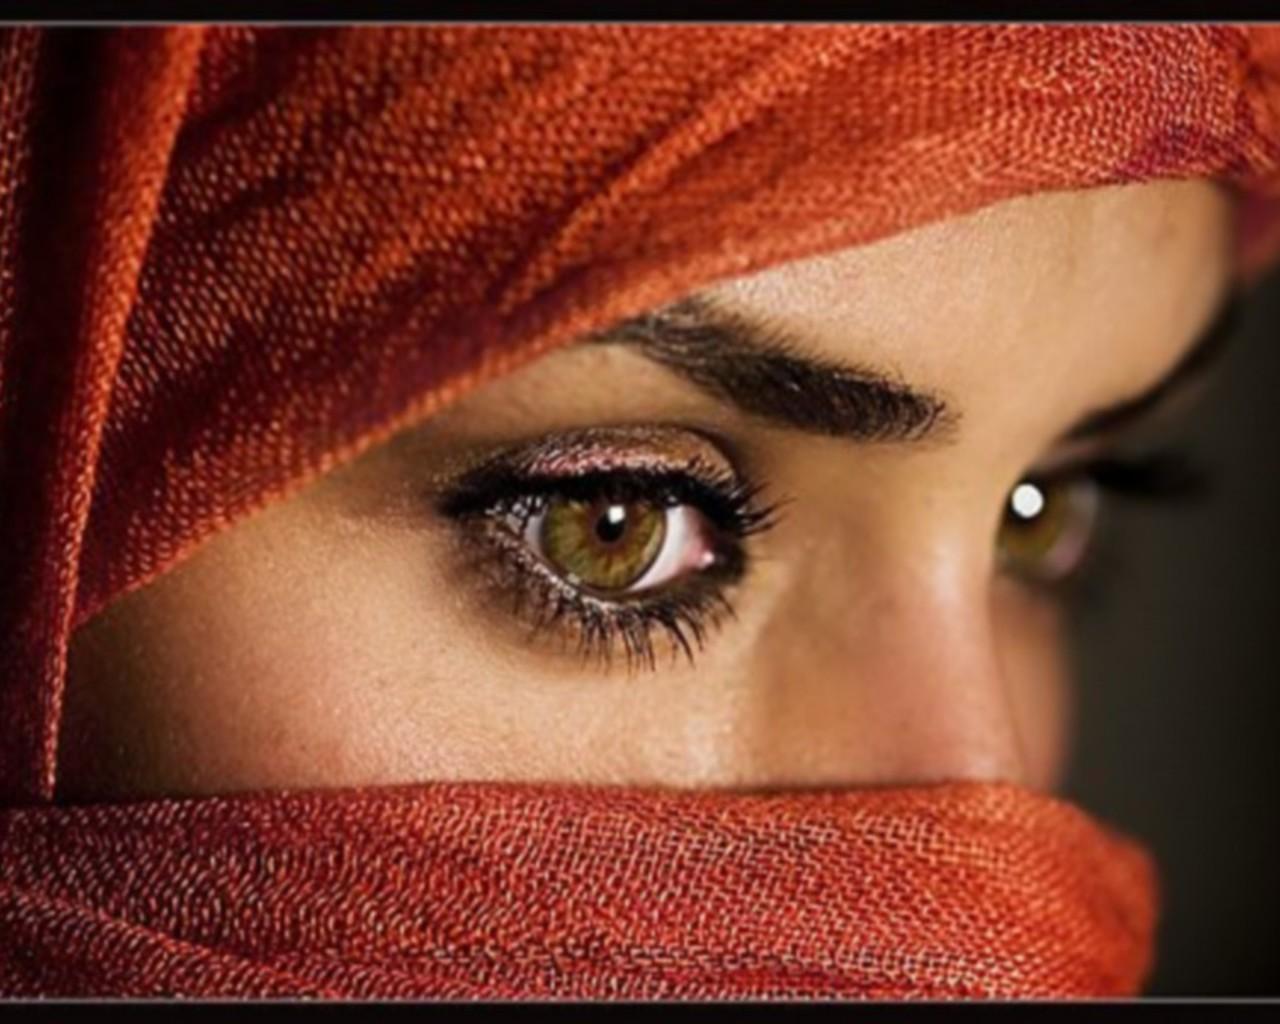 صور ذات العيون العسلية